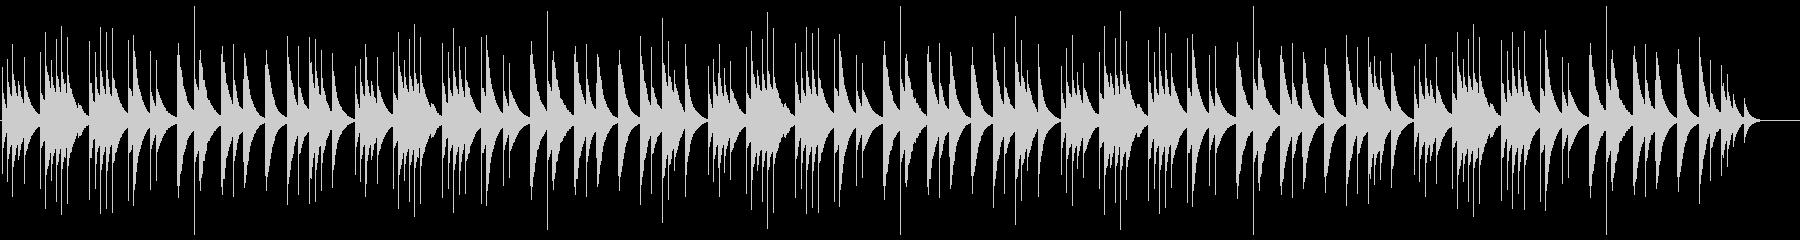 静かで心癒されるオルゴールの未再生の波形